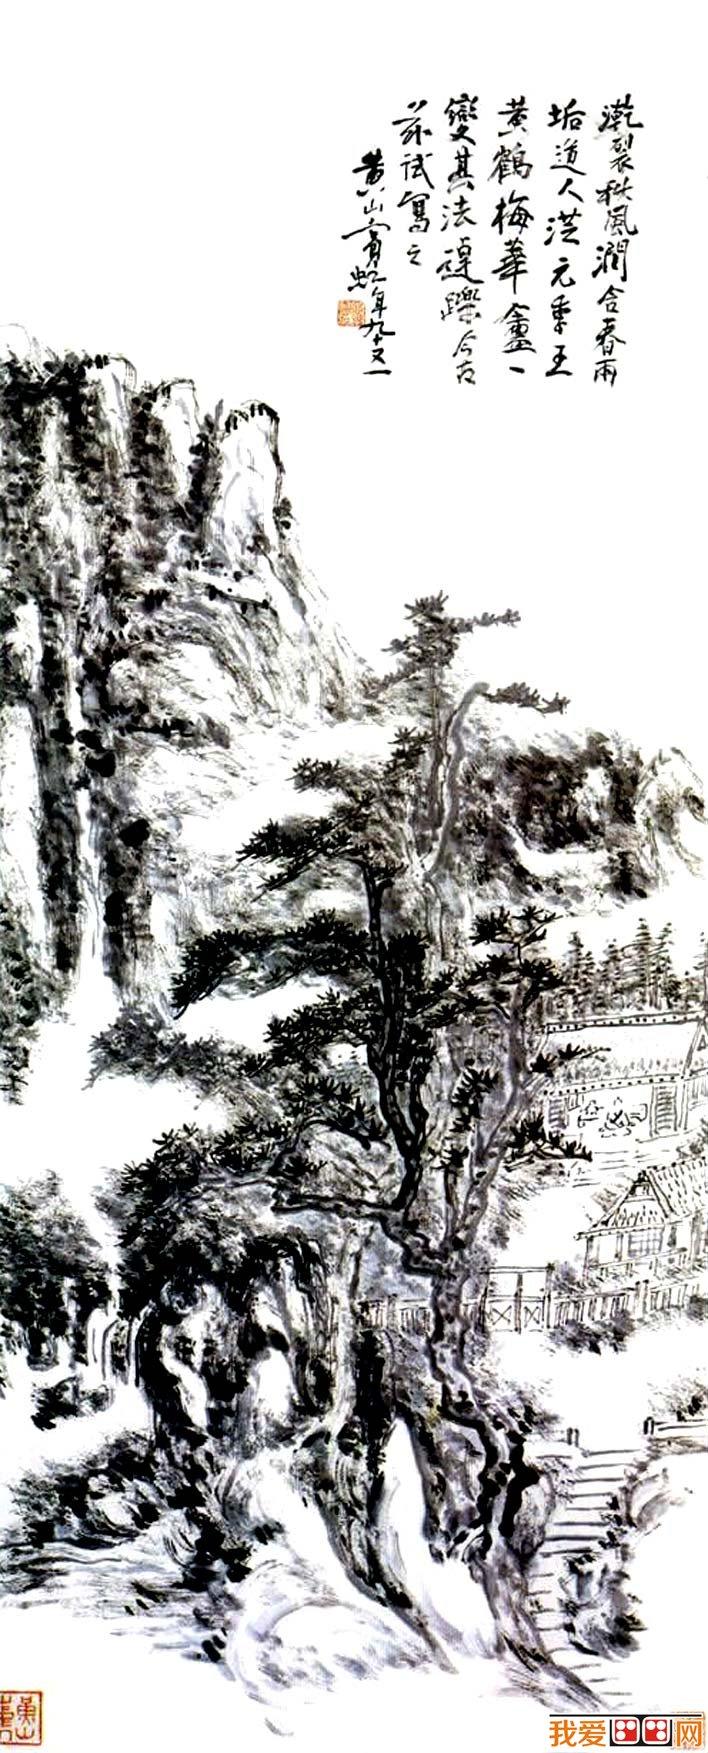 黄宾虹 水墨山水1954 立轴 大师1954年水墨山水画高清大图赏析